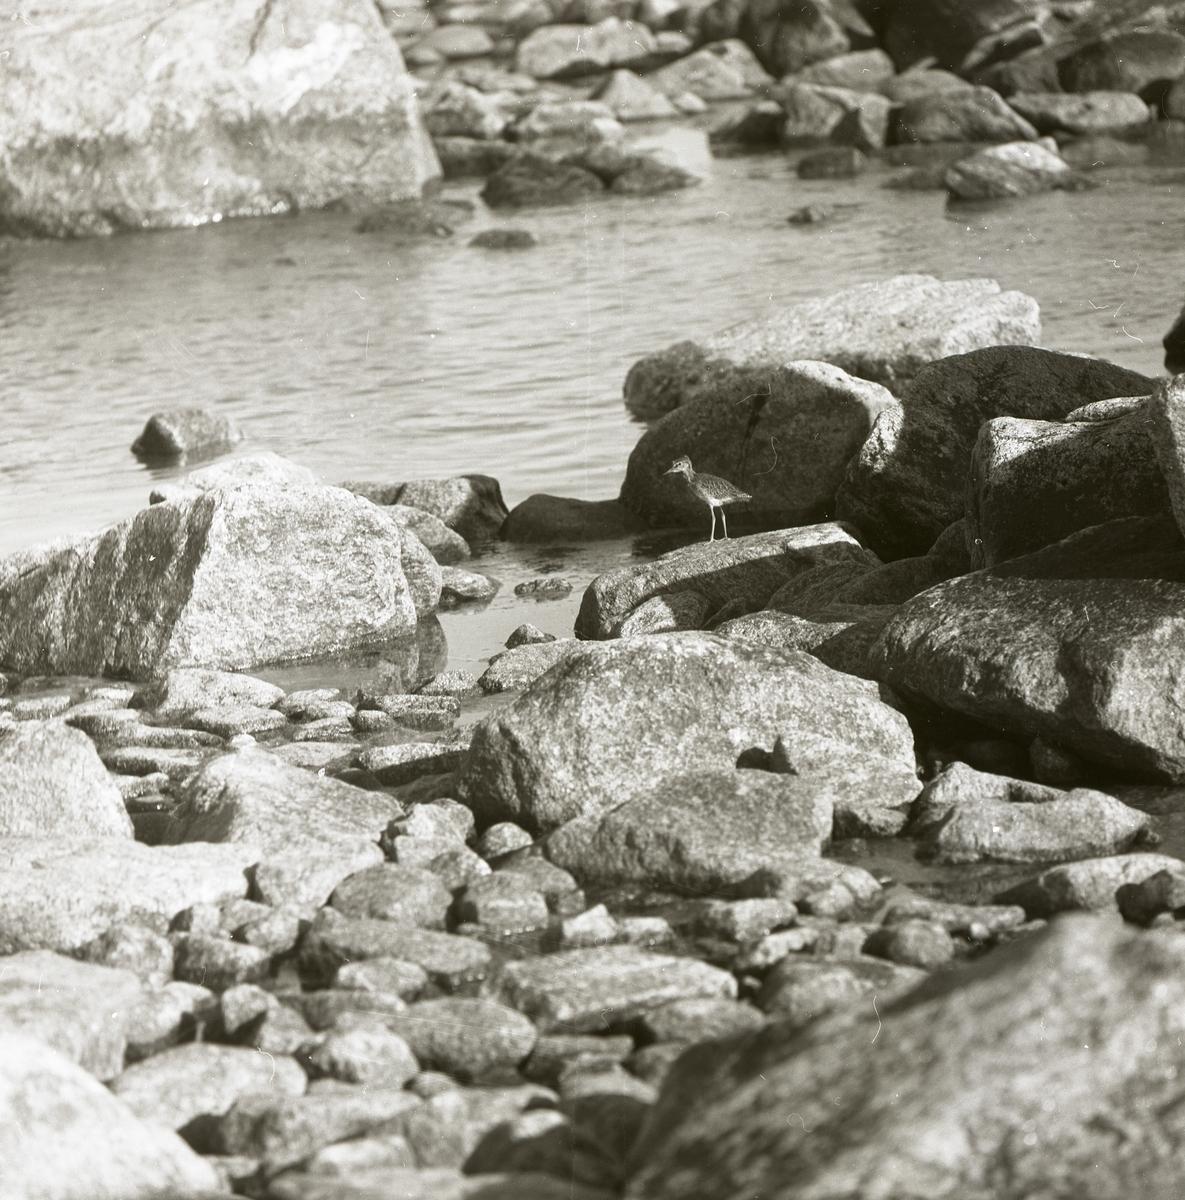 En drillsnäppa står på en sten intill en vattensamling i Rönnskär, 3 augusti, 1969.